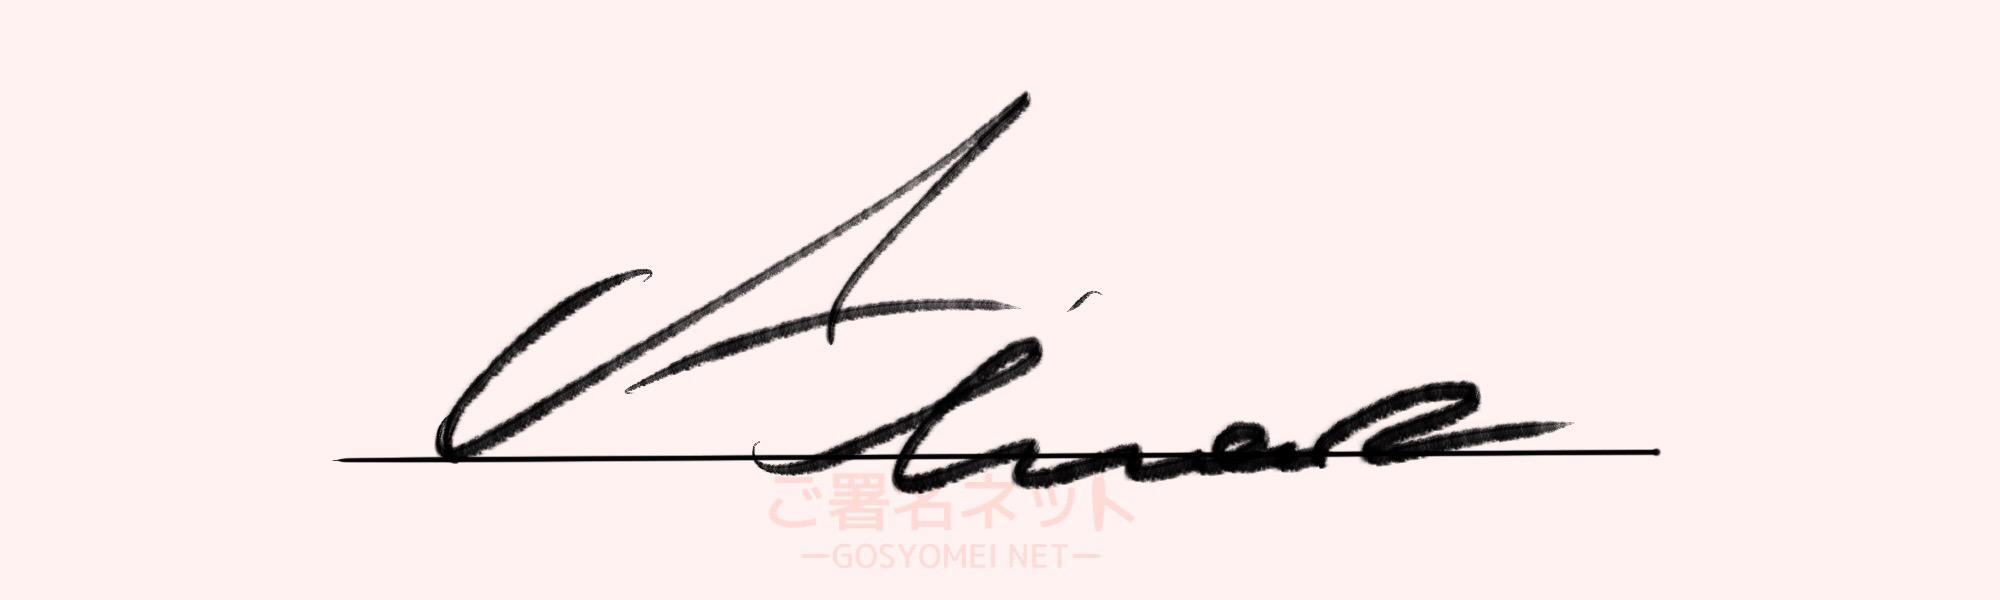 アルファベットaのサイン